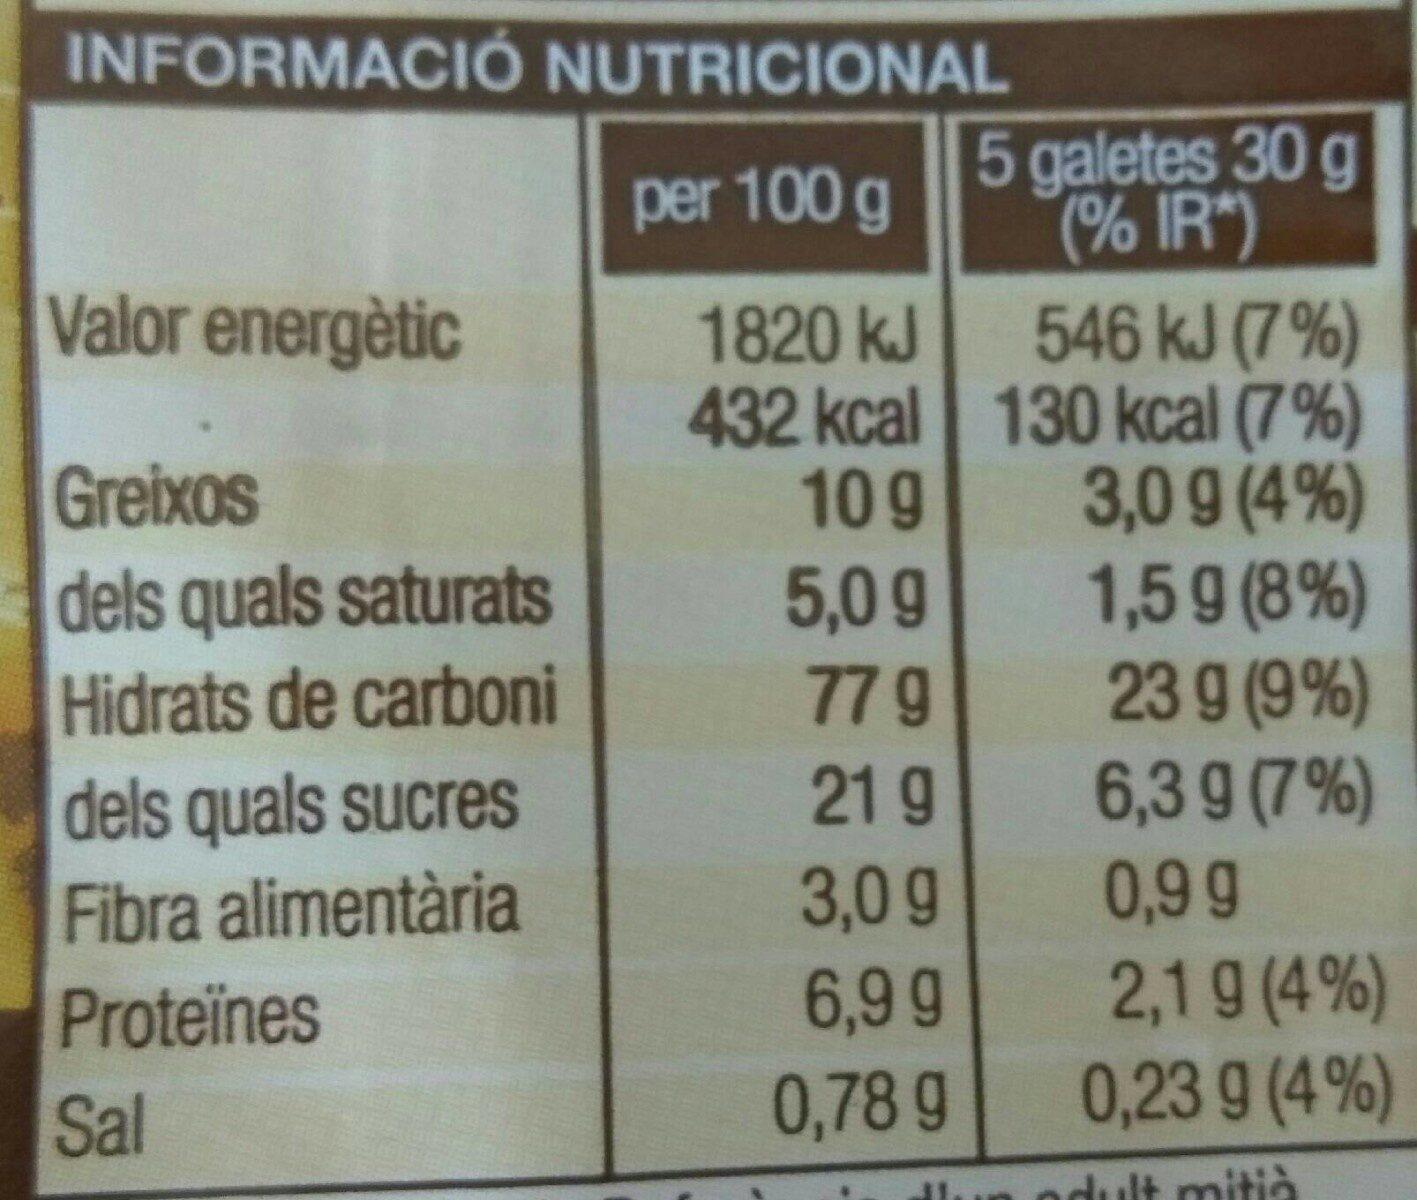 GALETES TORRADES BONPREU - Información nutricional